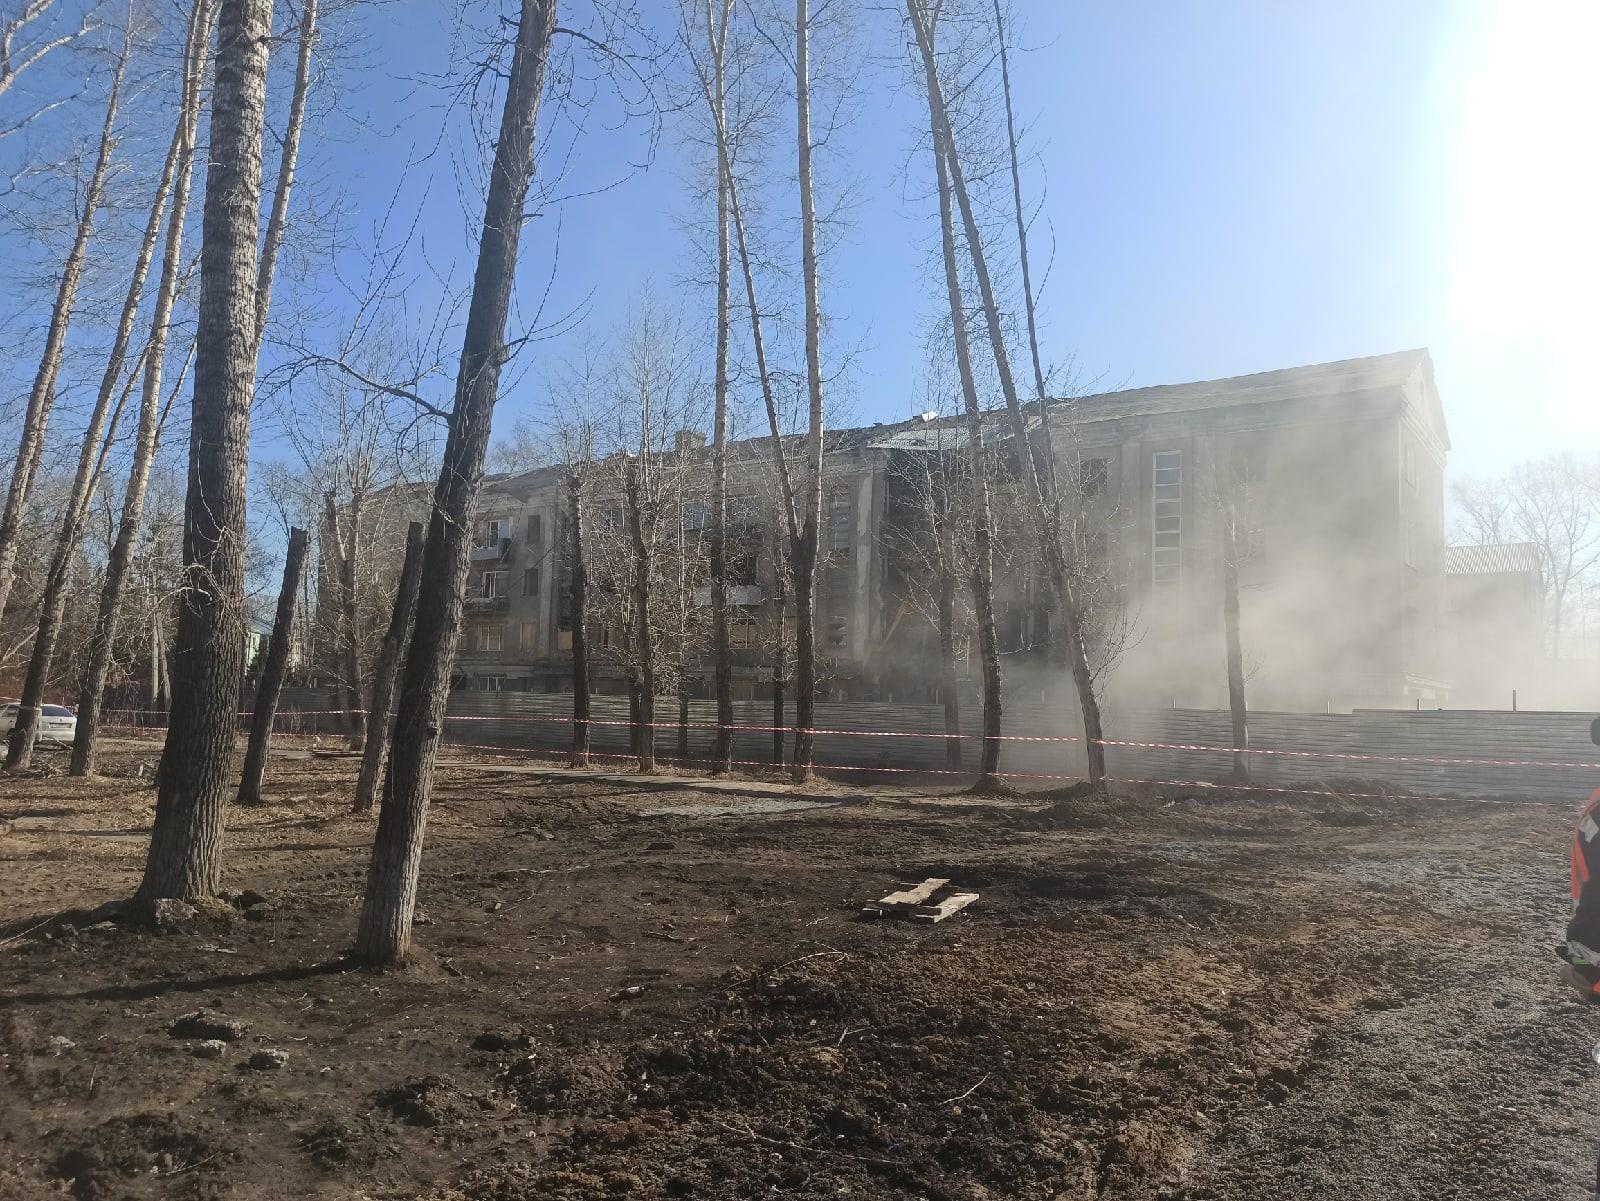 фото Опасный аварийный дом начали сносить под Новосибирском – он простоял пустым два года 2